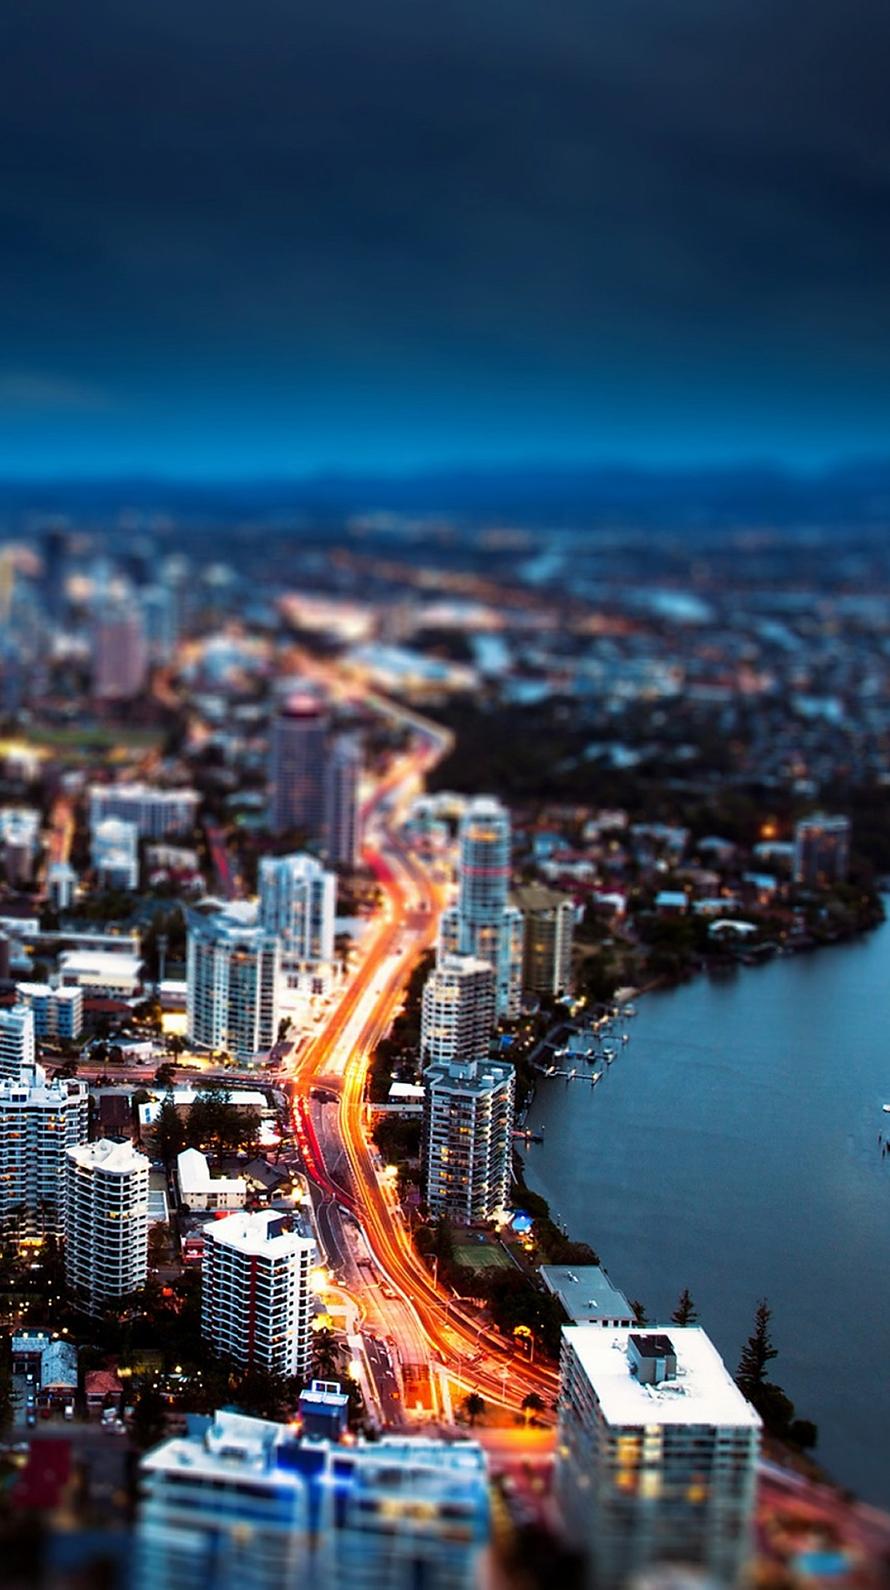 夜景iphone 苹果手机拍夜景 苹果怎么拍夜景 苹果手机如何拍夜景